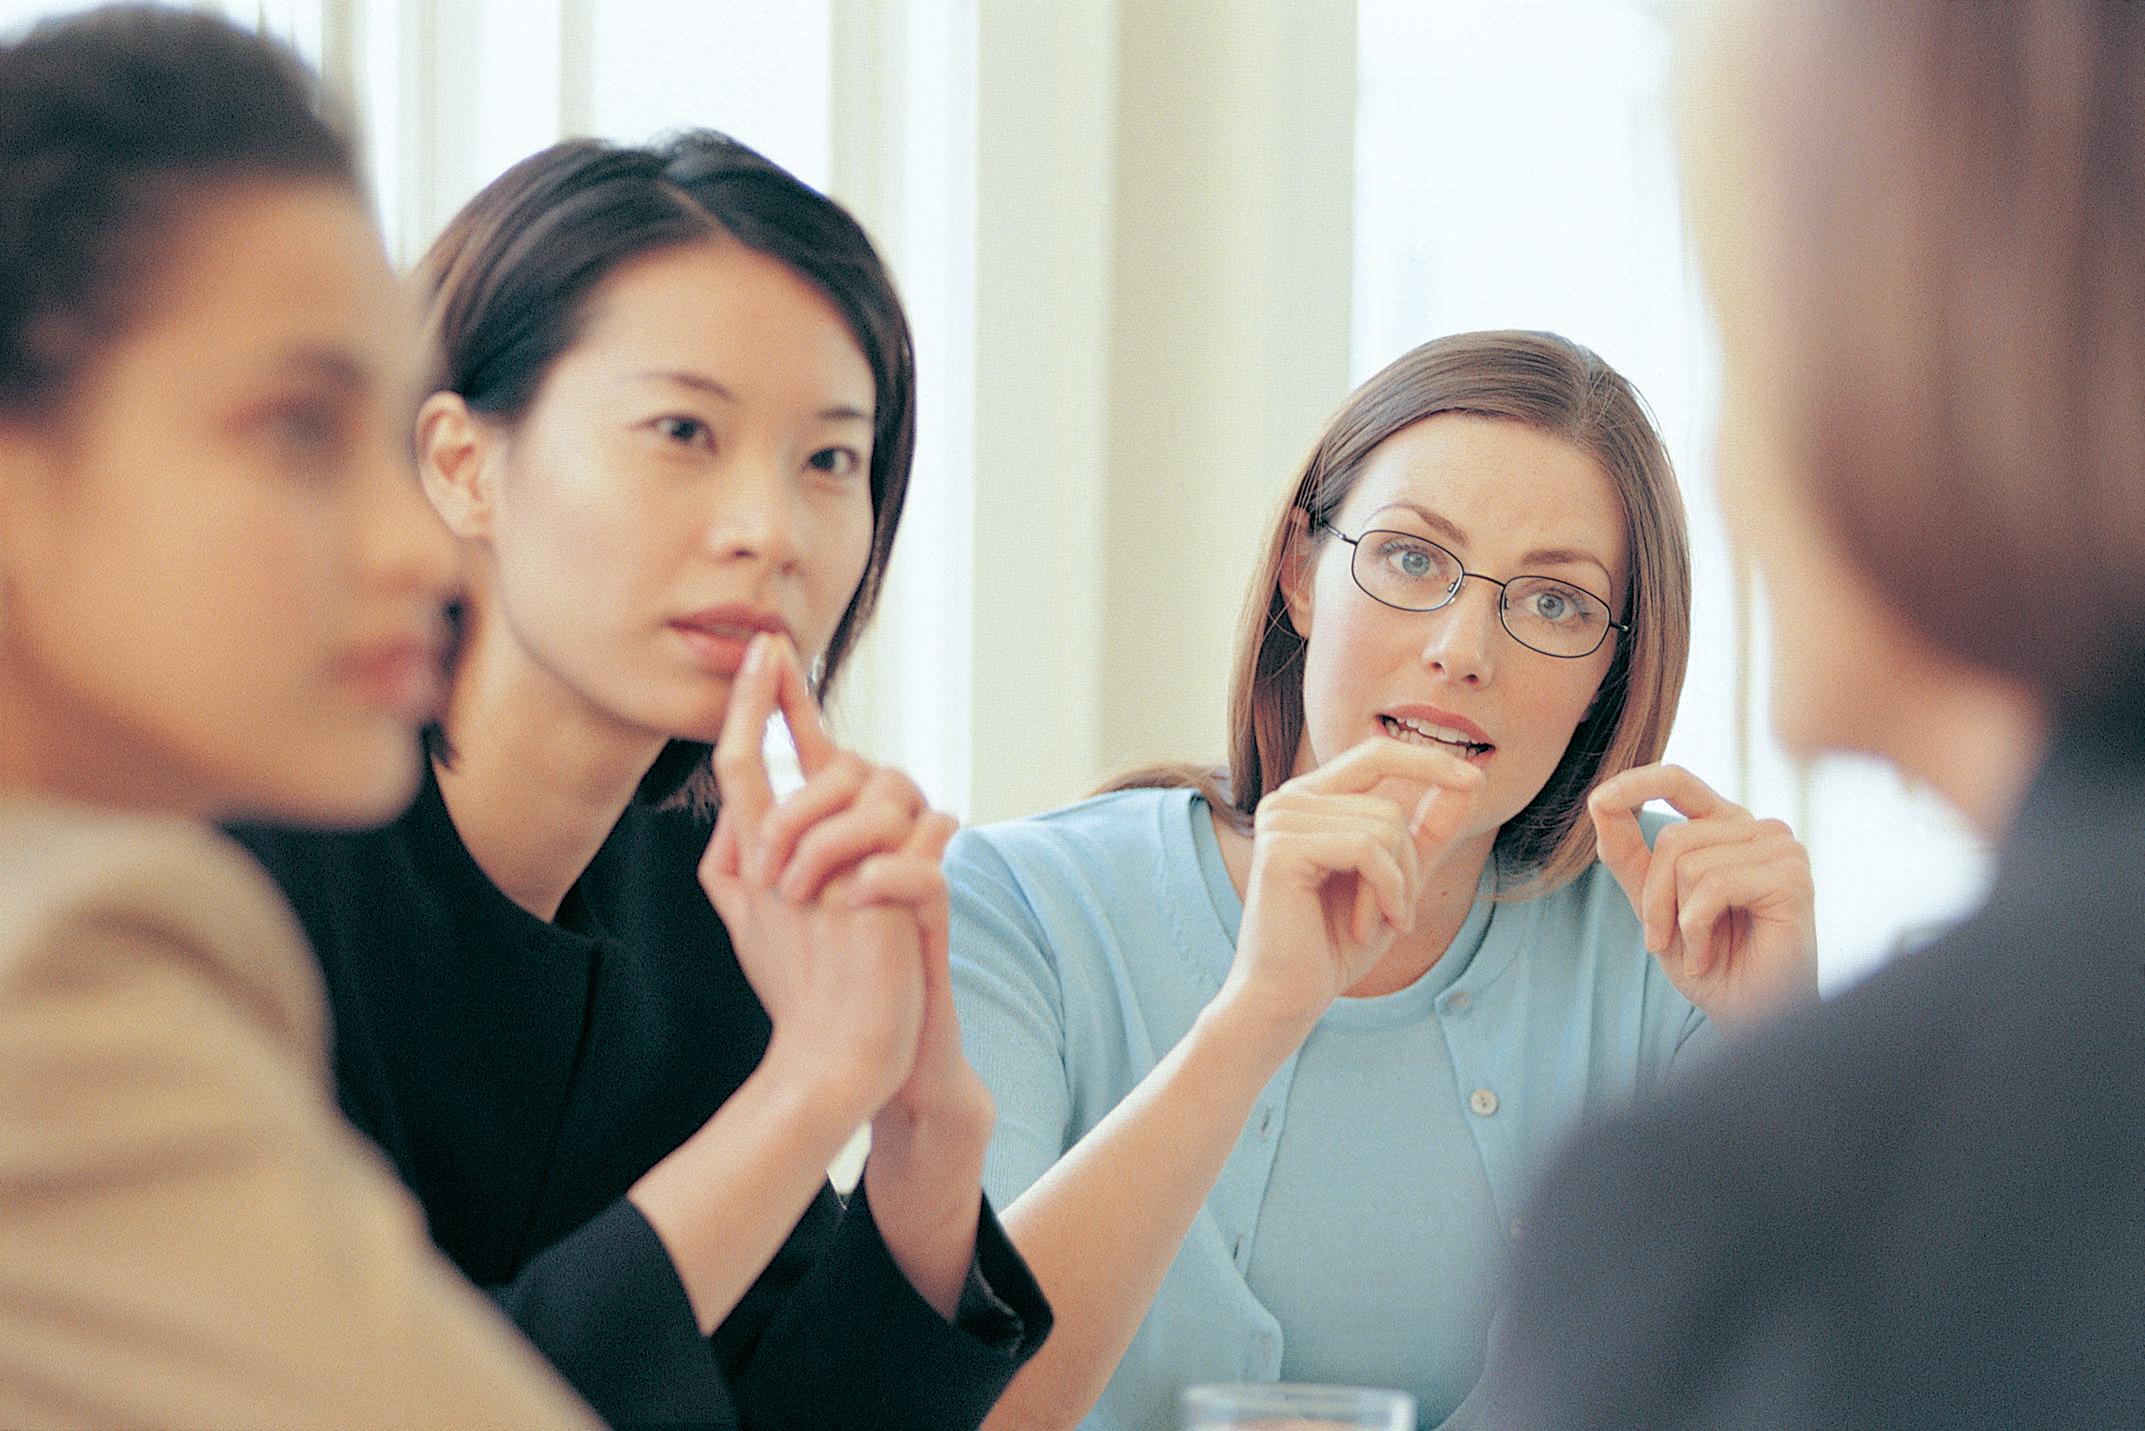 澳门英语口语培训班_语言培训相关-珠海思科英语